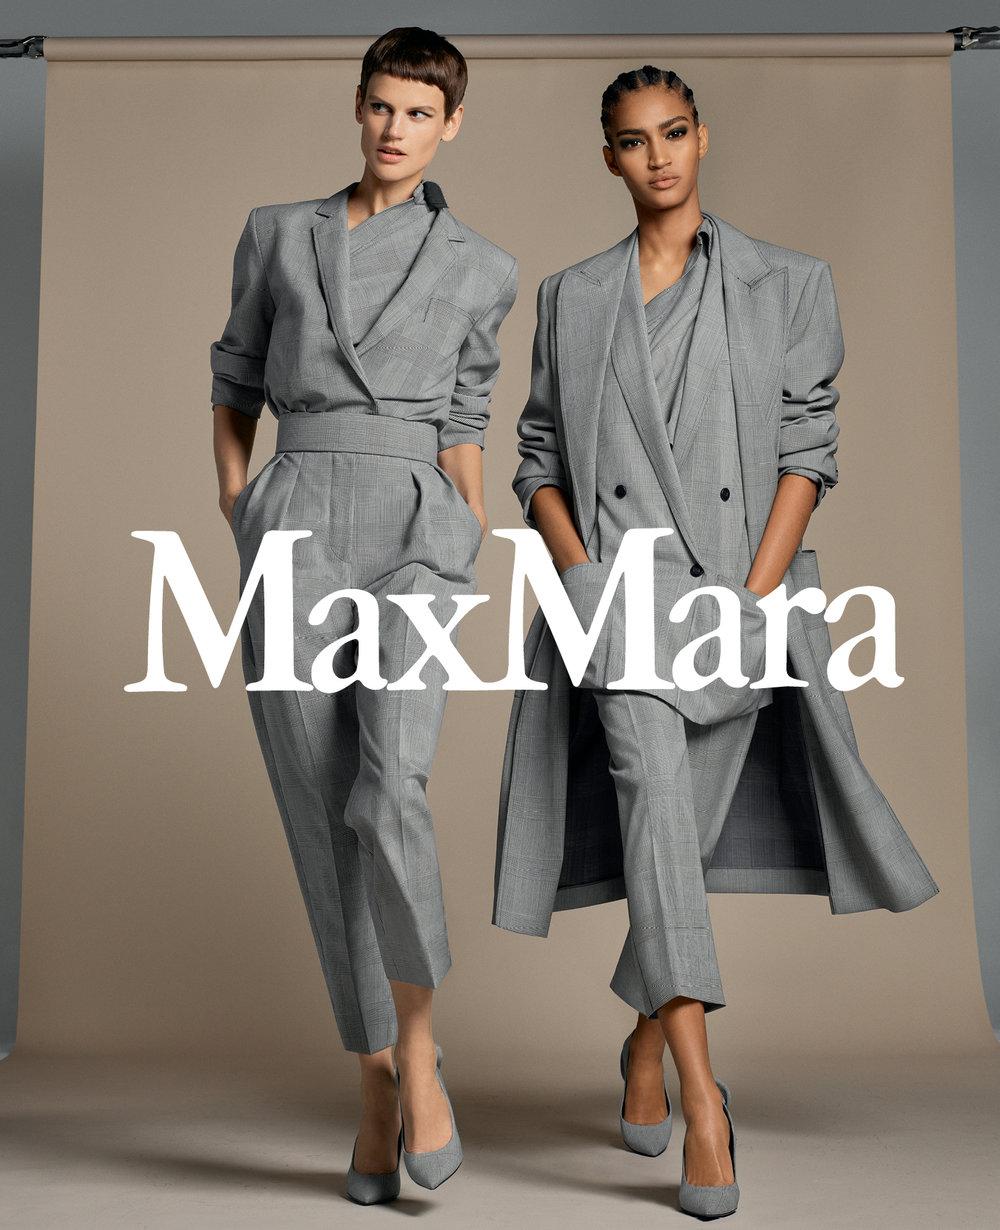 MAXMARA_SS19_URL_121314153.jpg